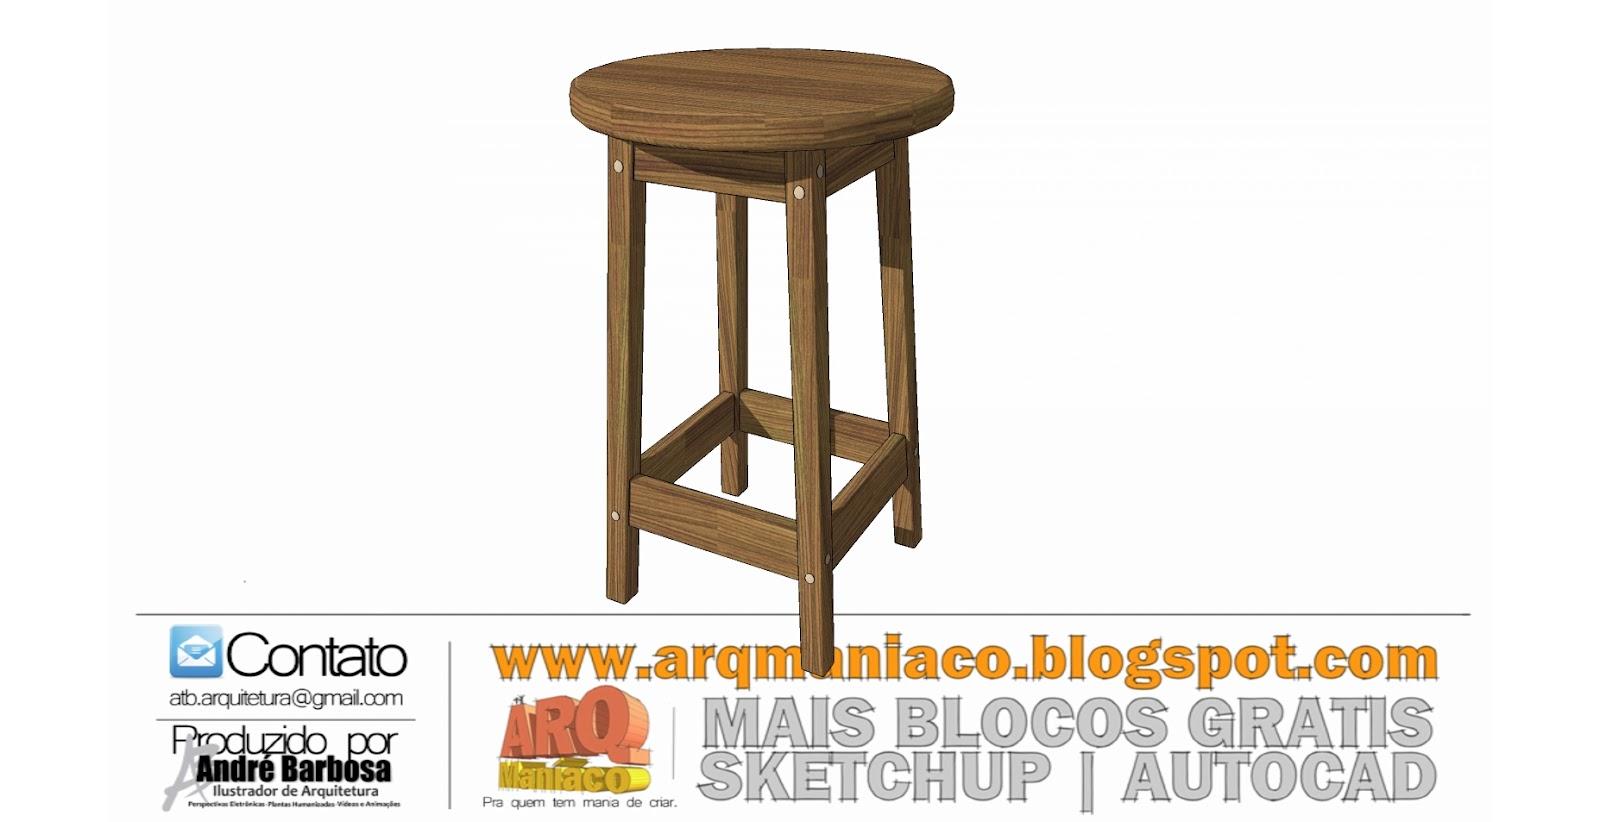 madeira de jardim garden wooden bench clique aqui para download #AE9C1D 1600x822